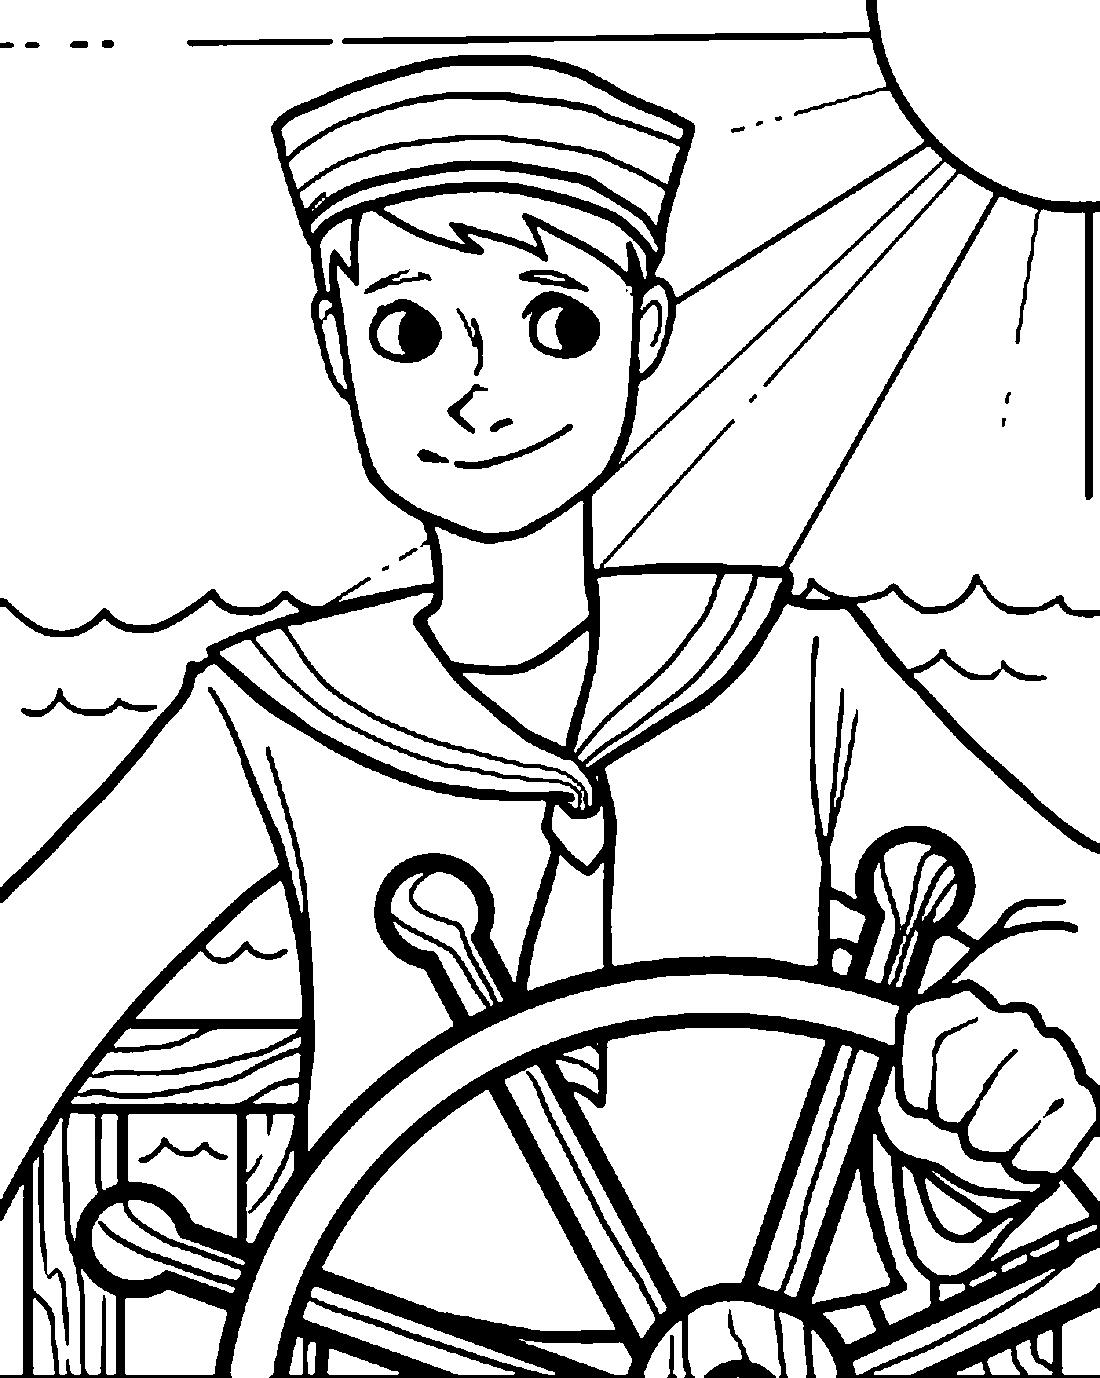 моряк и солнышко раскраска 6636 Printonic Ru